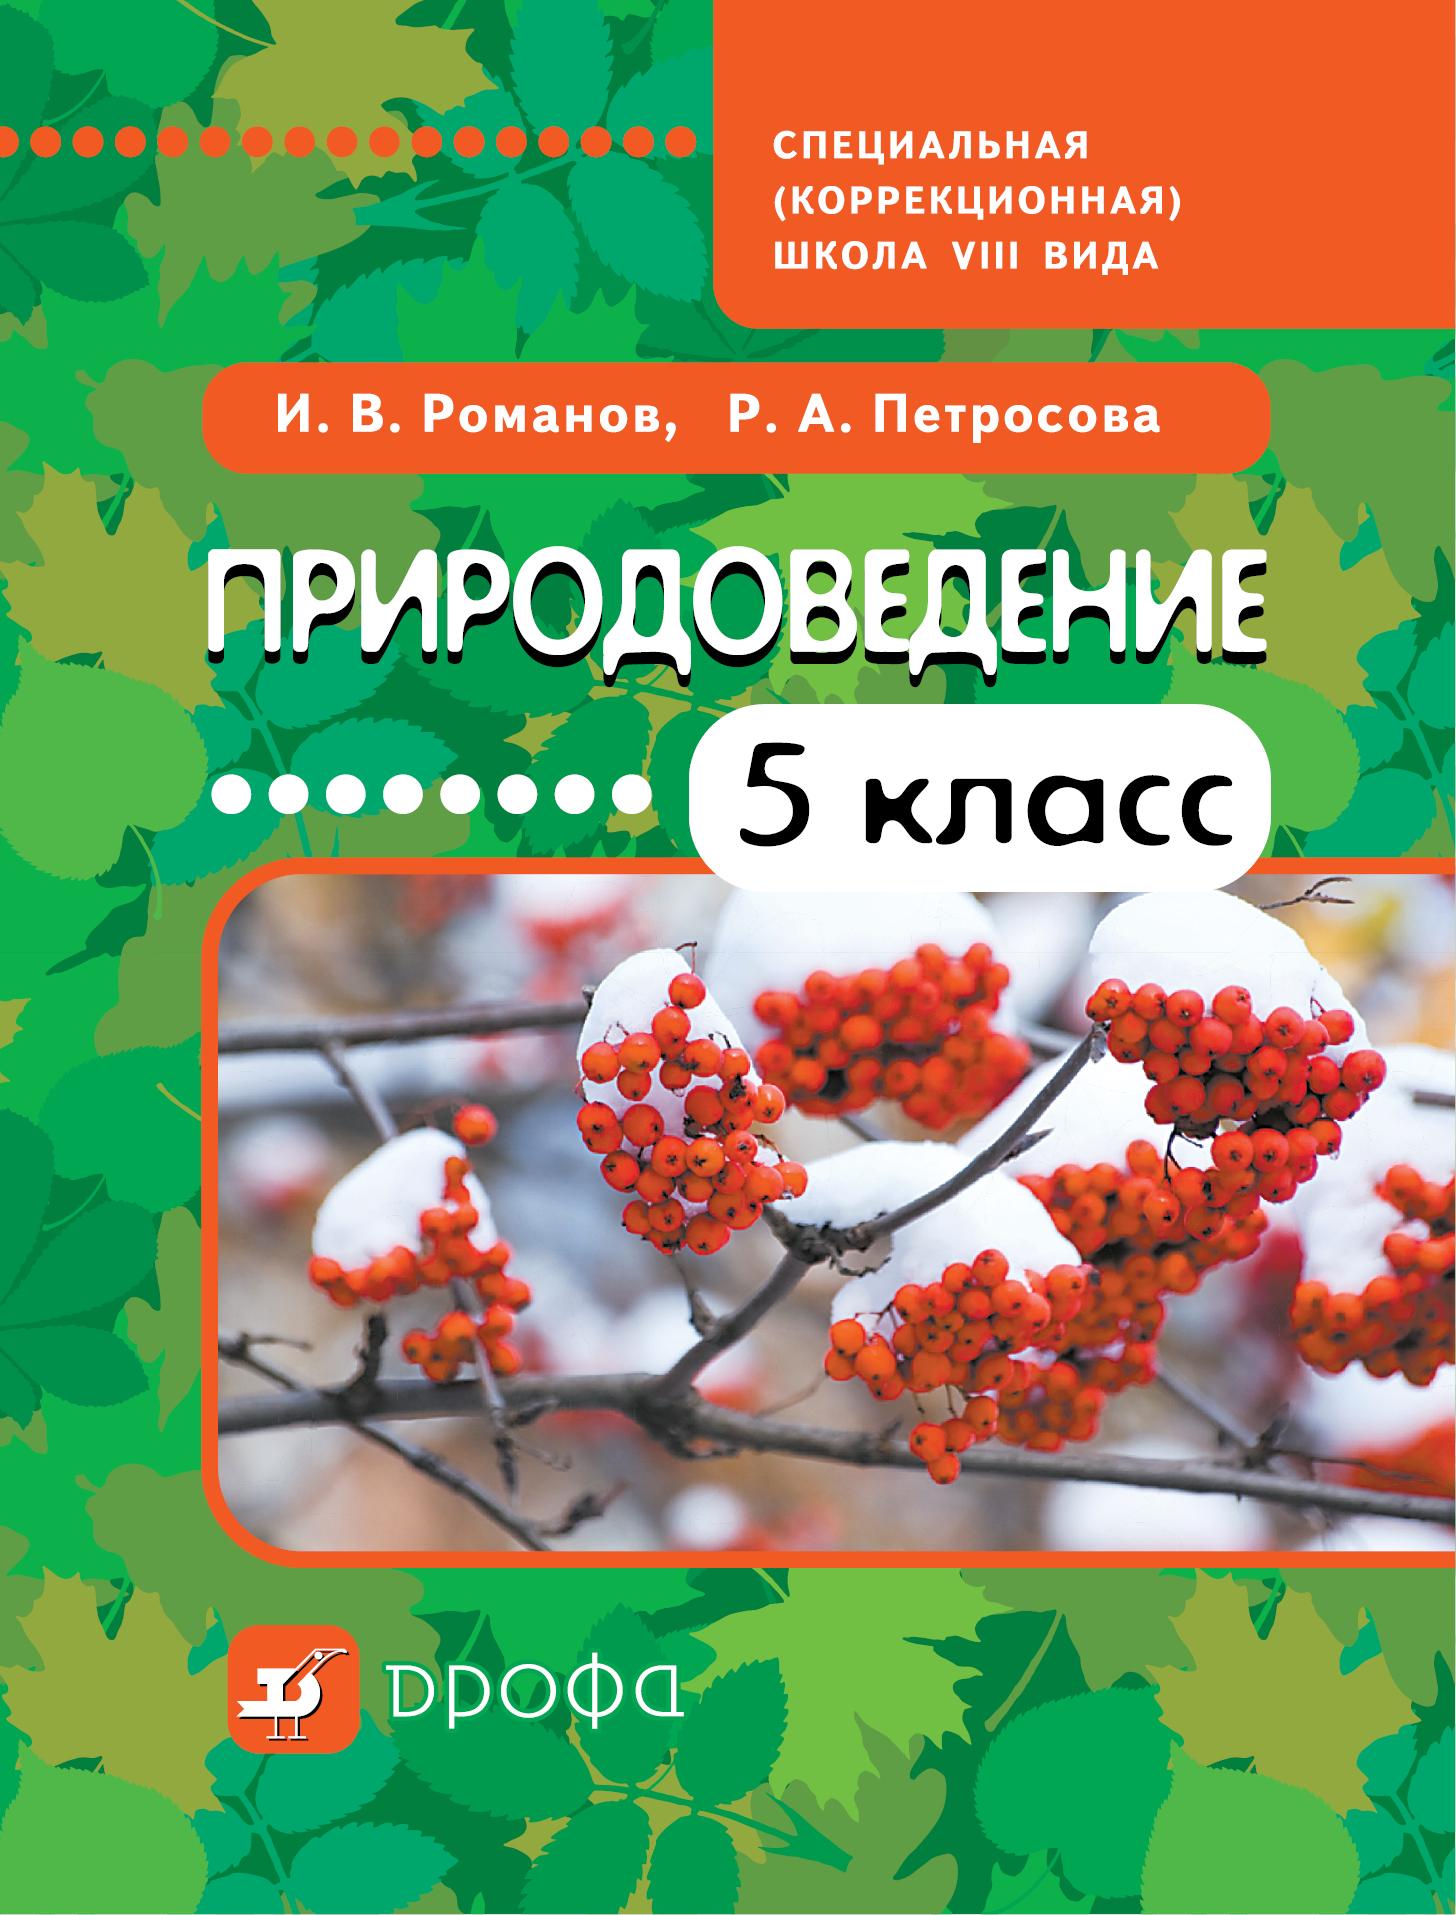 Природоведение.5кл. Уч.для коррекц.школ VIIIвида